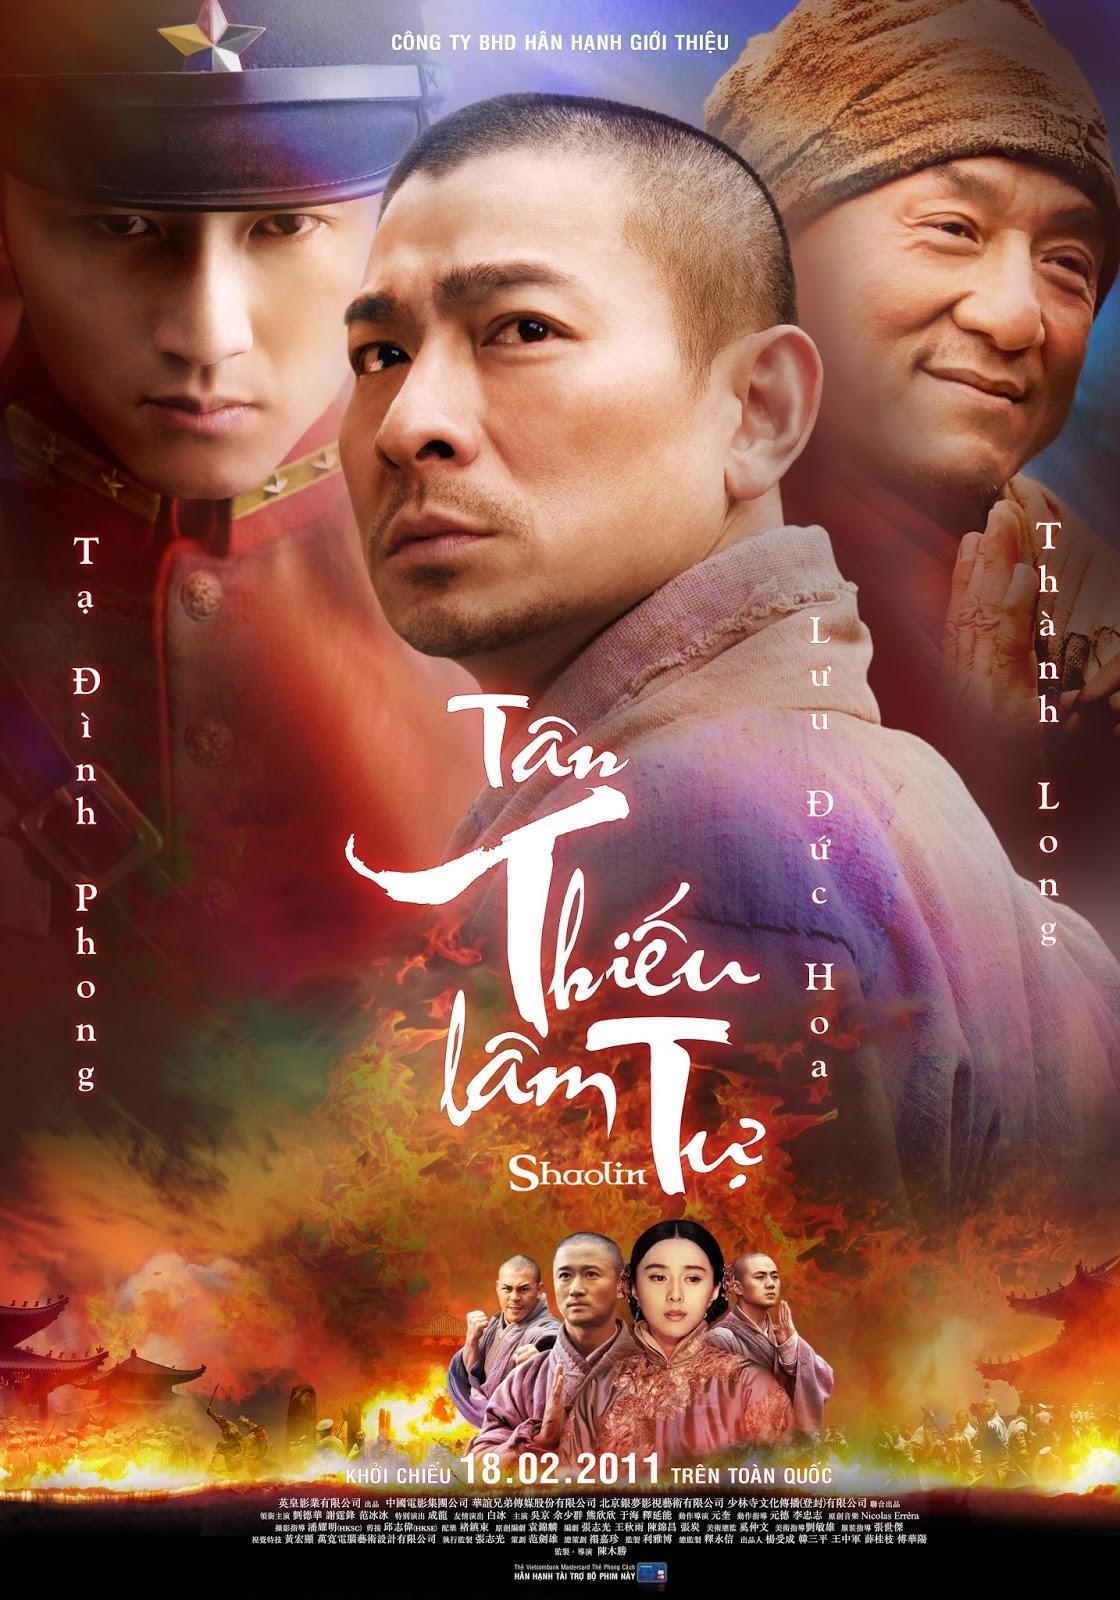 Tân Thiếu Lâm Tự - Shaolin